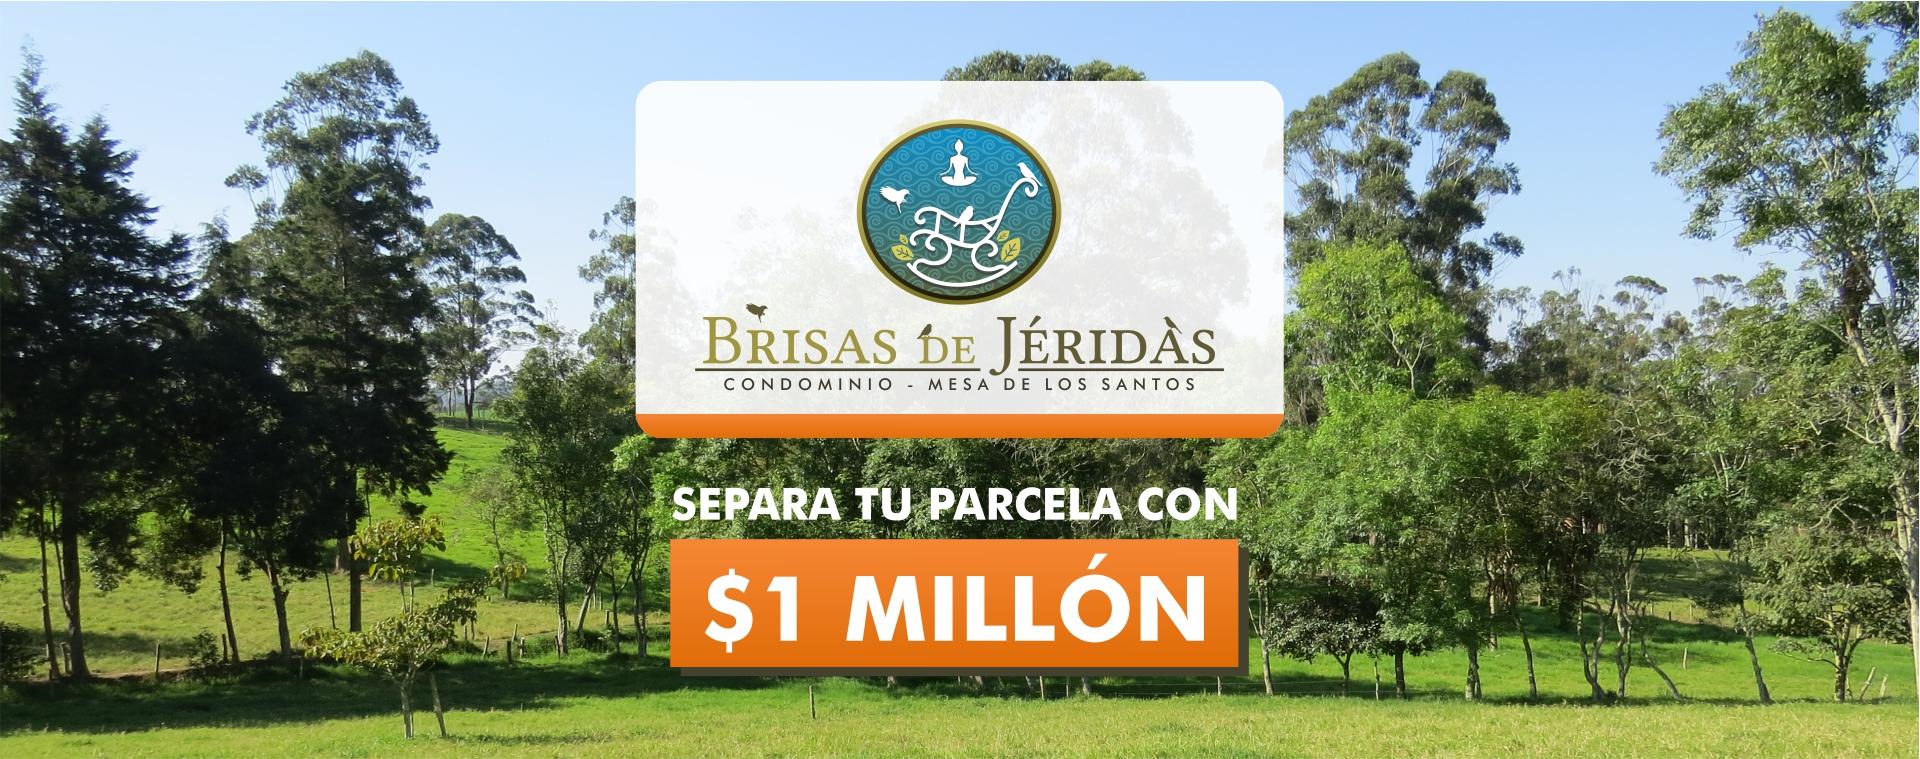 CONDOMINIO BRISAS DE JÉRIDAS